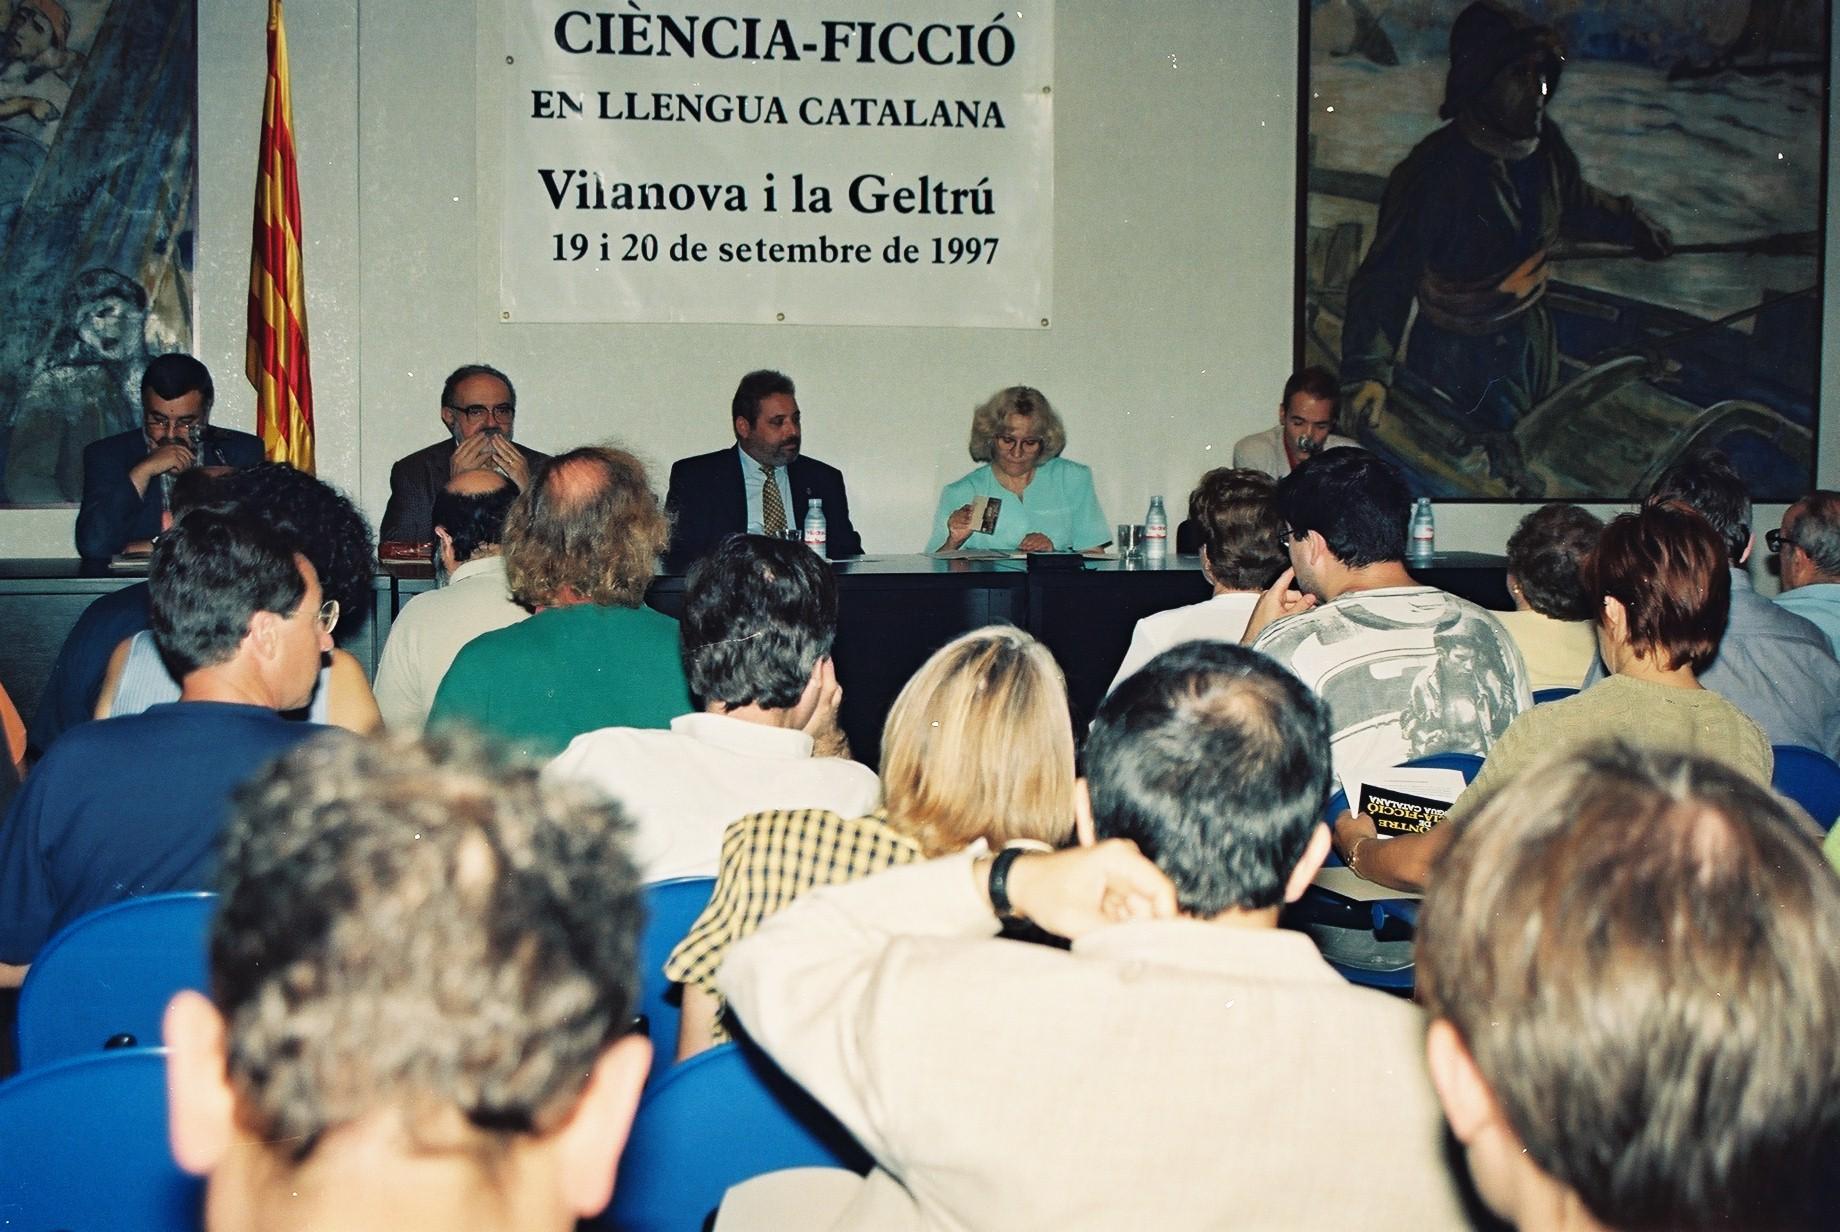 Inauguració del I Encontre el 1997 amb Jaume Fuster, president de l'AELC; Jordi Sarsanedas, degà de l'a ILC; Esteve Orriols, alcalde de Vilanova, i Isabel-Clara Simó, aleshores delegada del llibre.